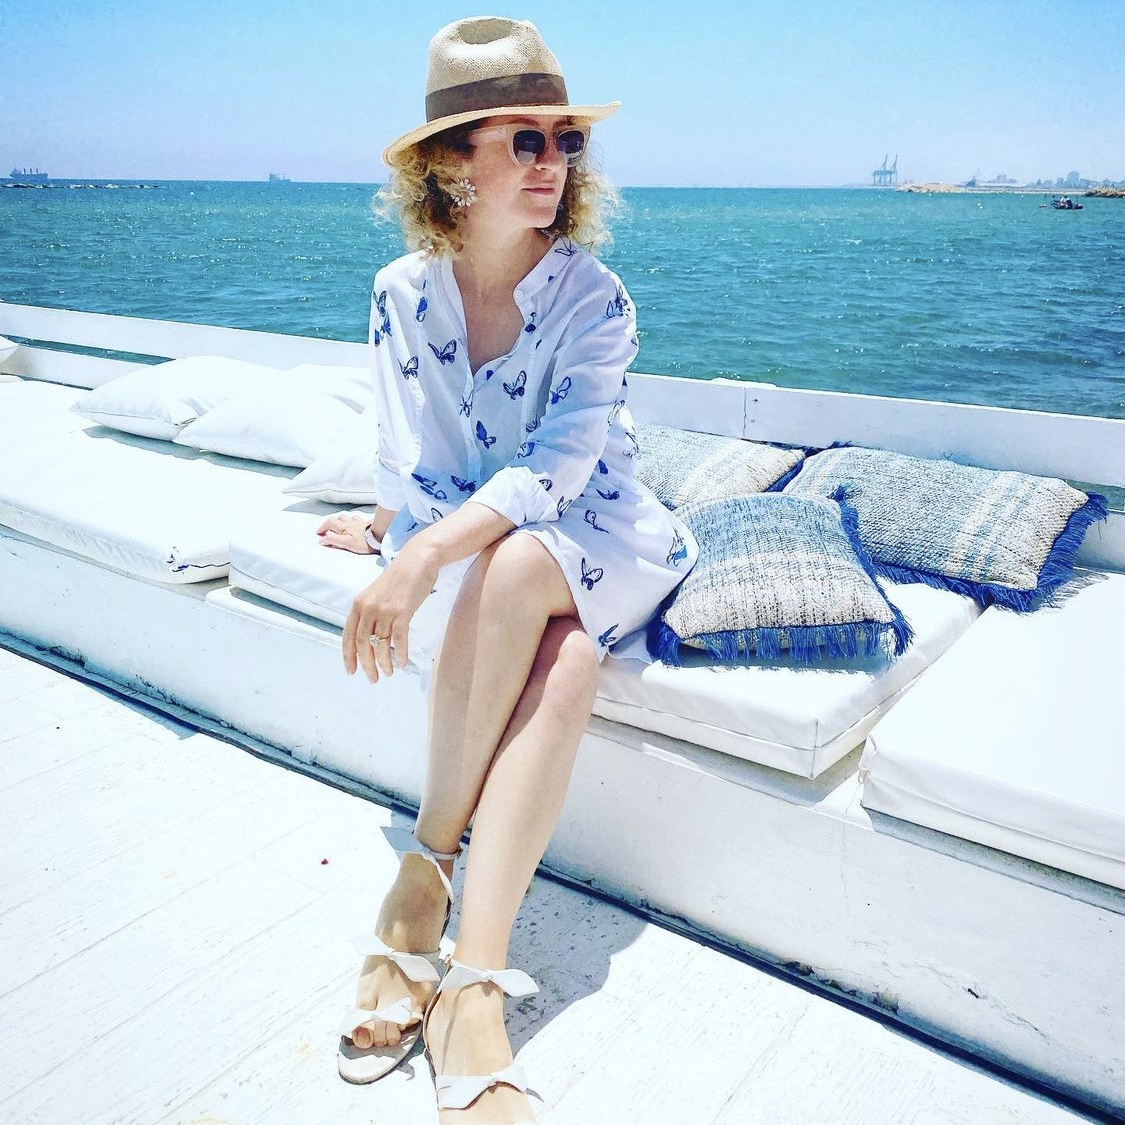 @olympia_grace wearing Blue + White Butterfly Dress